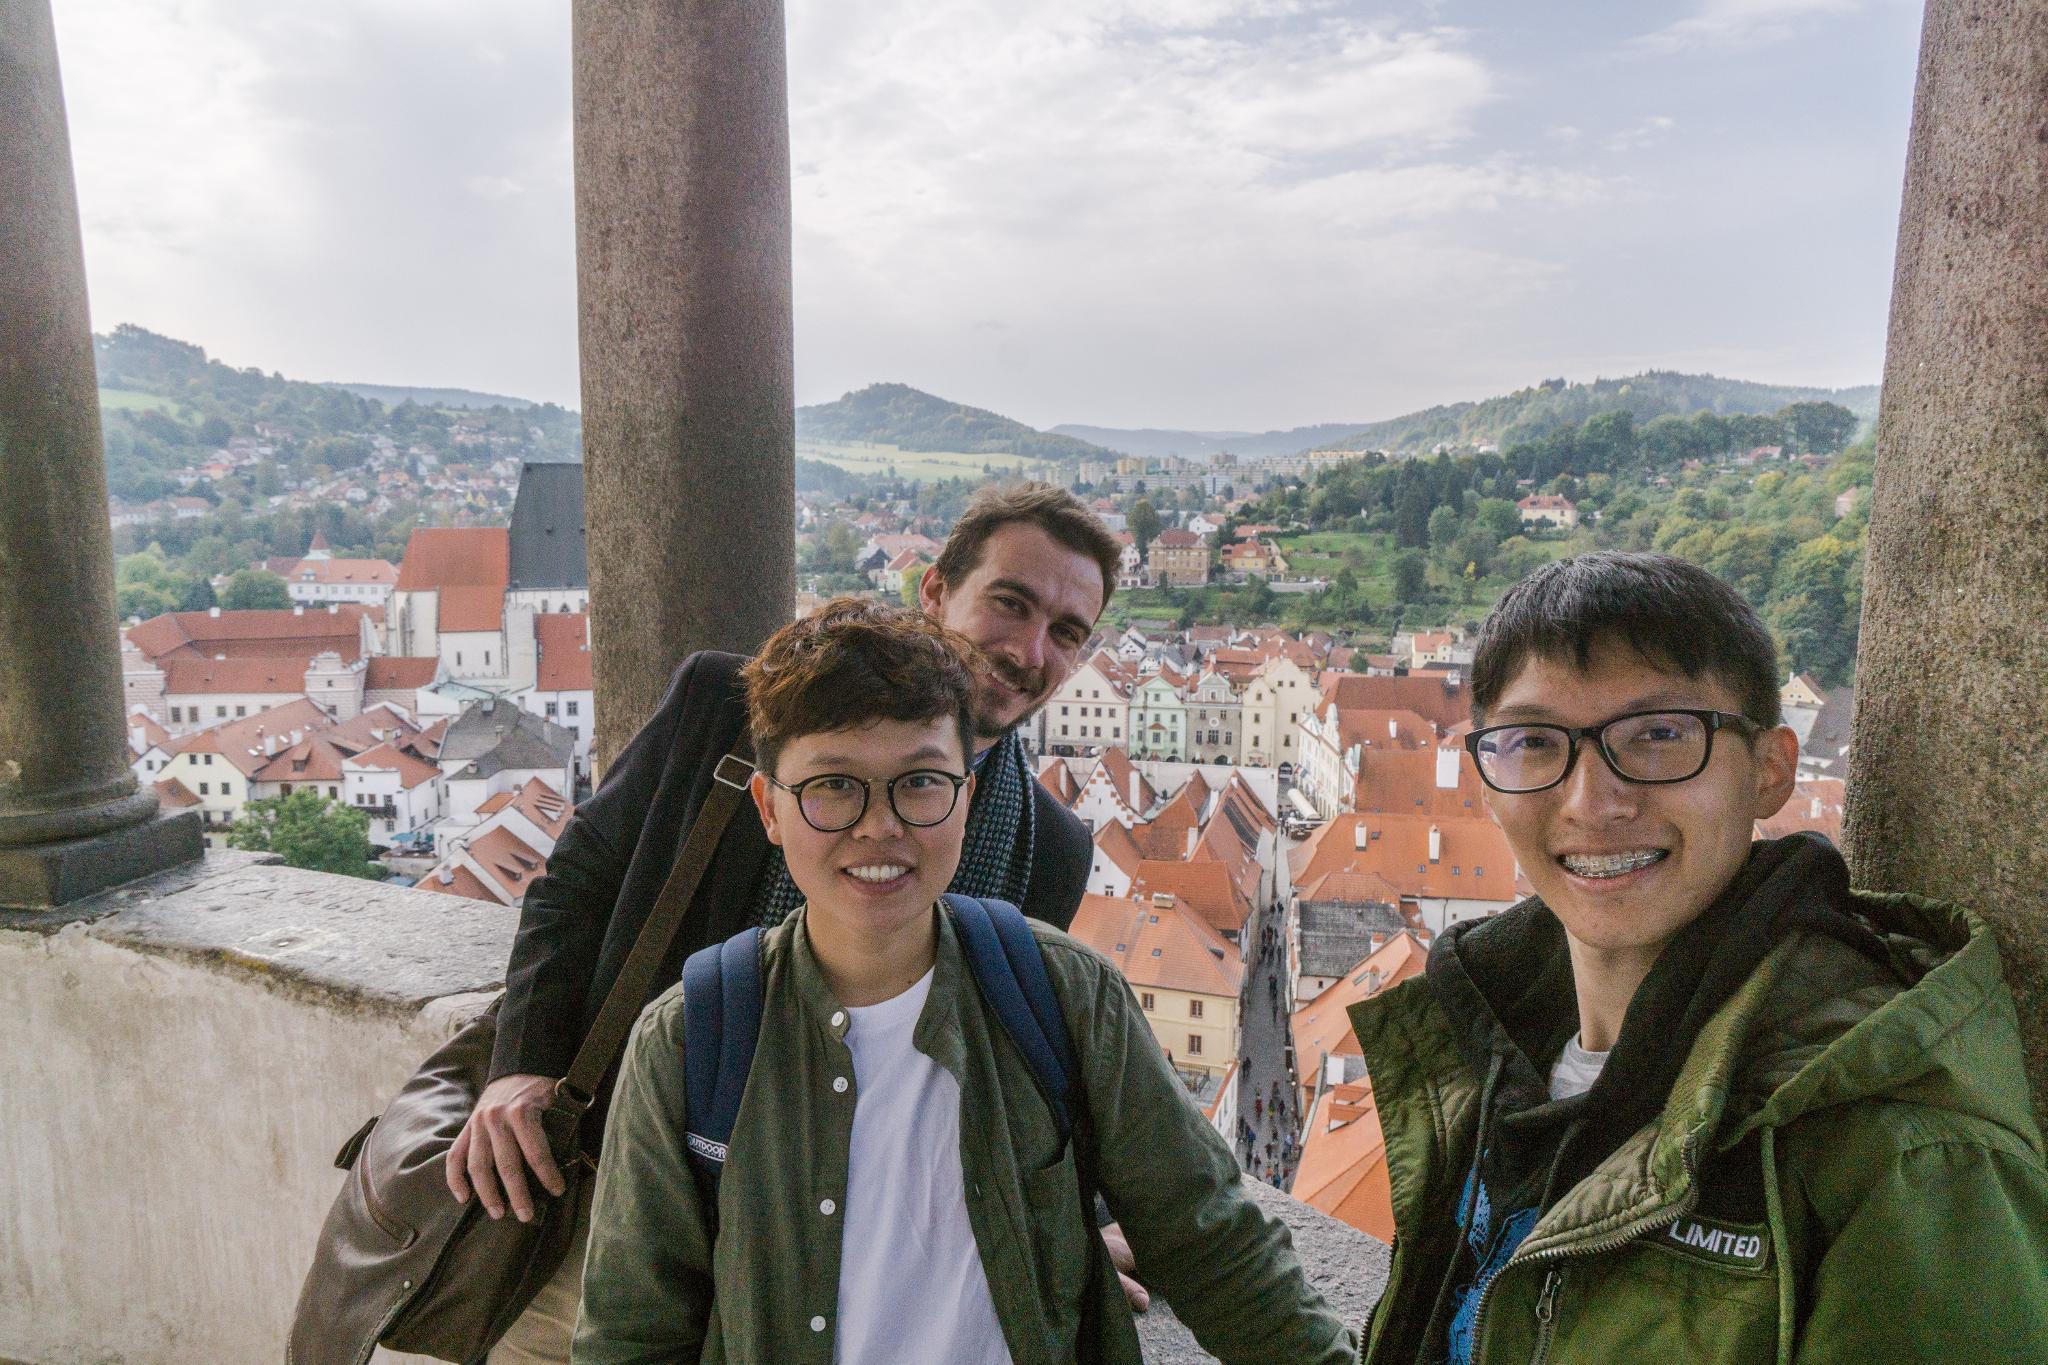 【捷克】穿越時空的波希米亞狂想曲 — Český Krumlov Castle 庫倫諾夫城堡 16